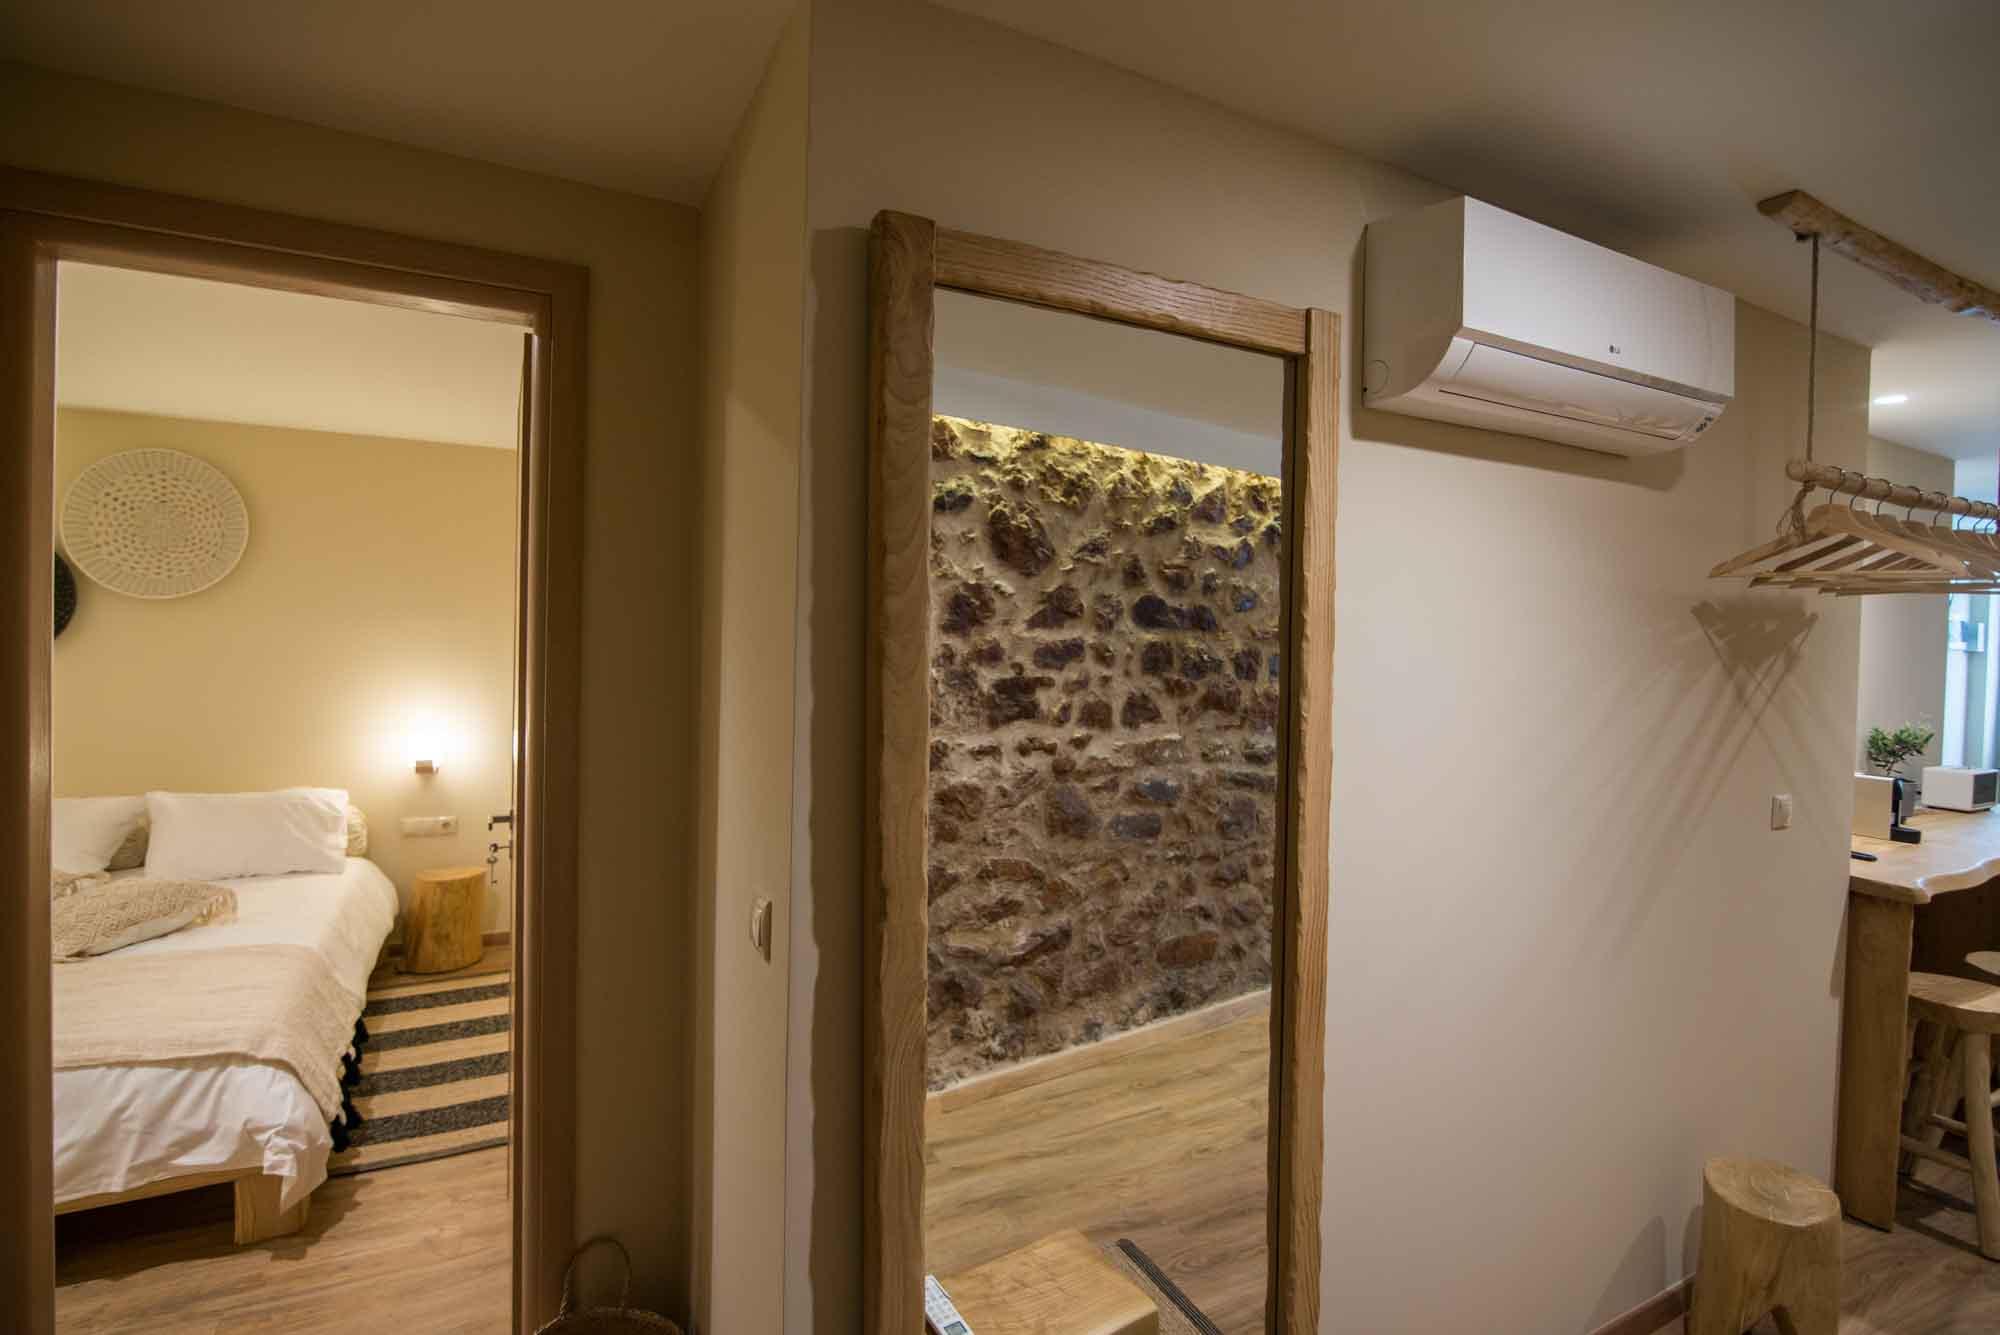 Hotel_room_Maira_15